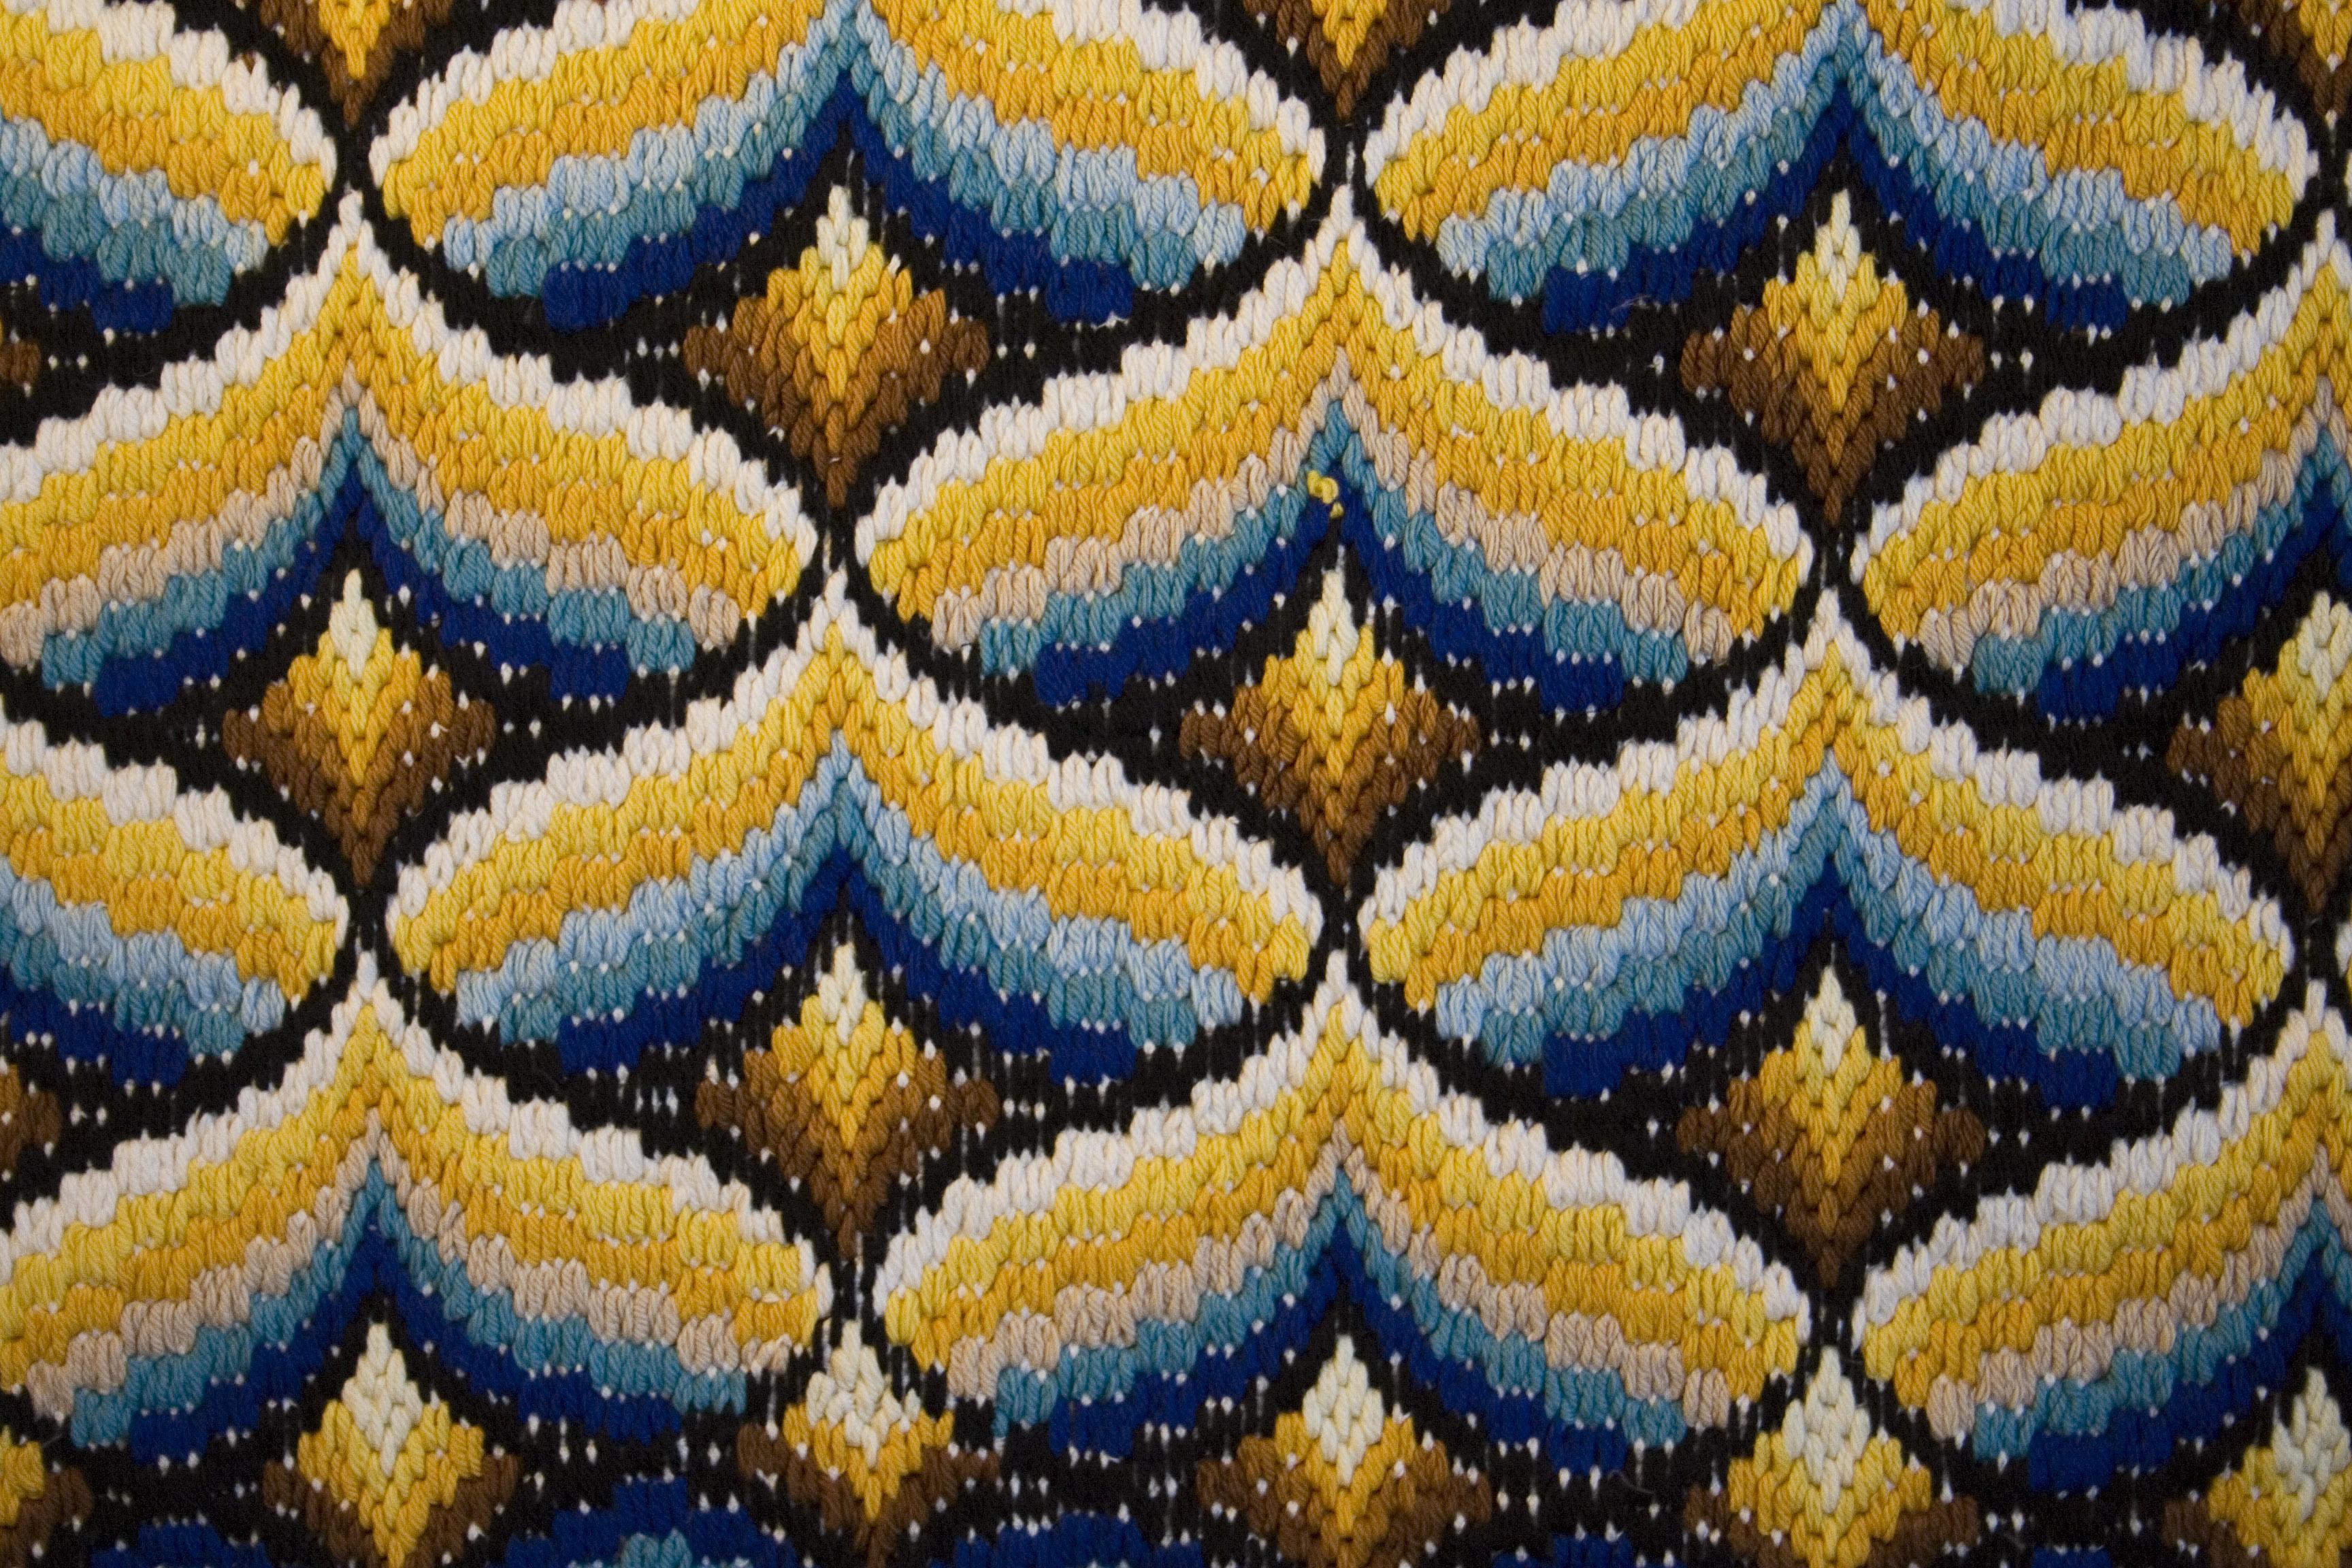 Vintage colorful patterns on textile texture   TexturePalace.com